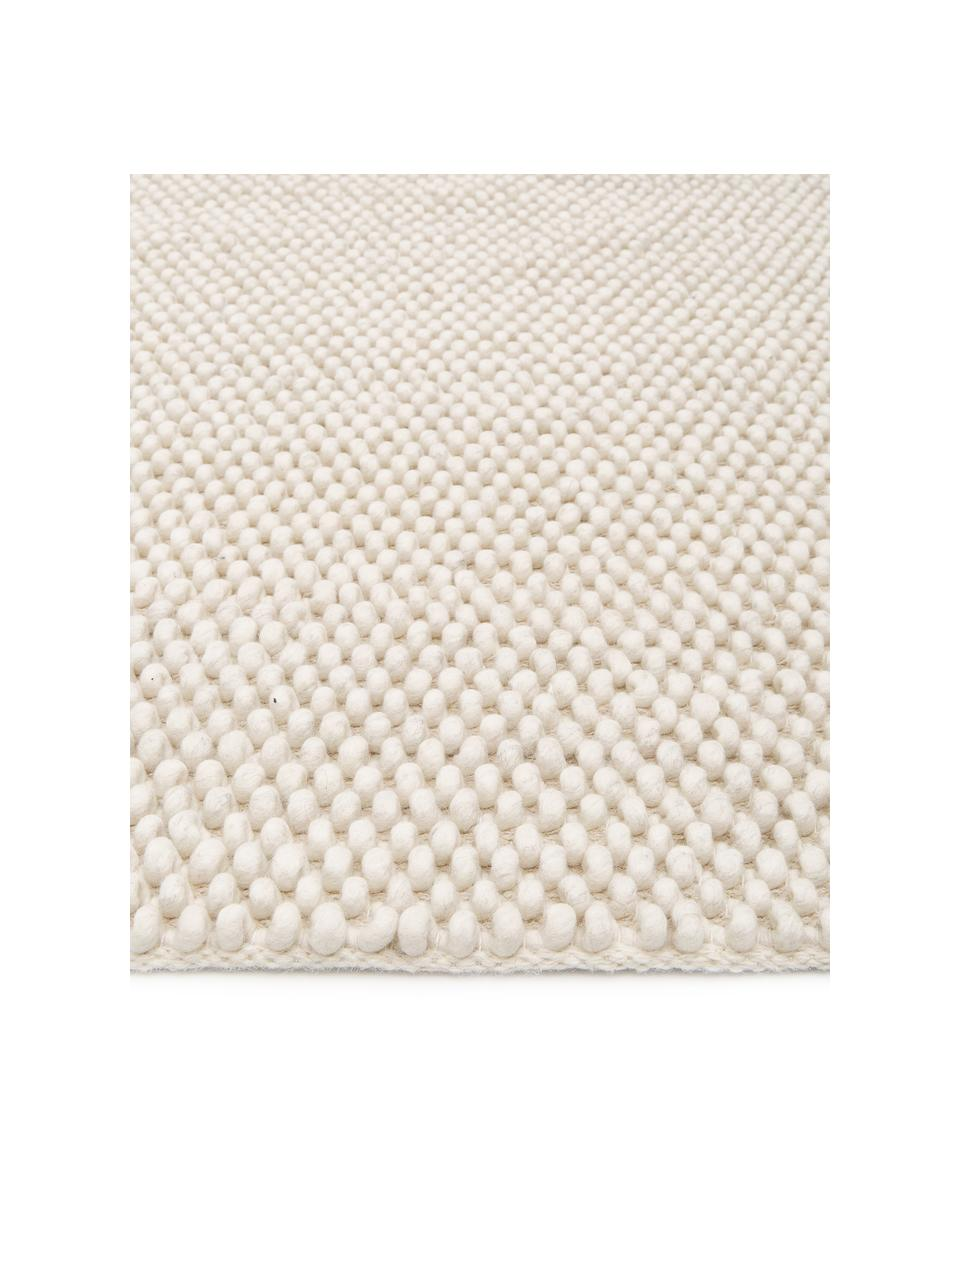 Ręcznie szyty dywan z wełny My Loft, Odcienie kości słoniowej, S 160 x D 230 cm (Rozmiar M)